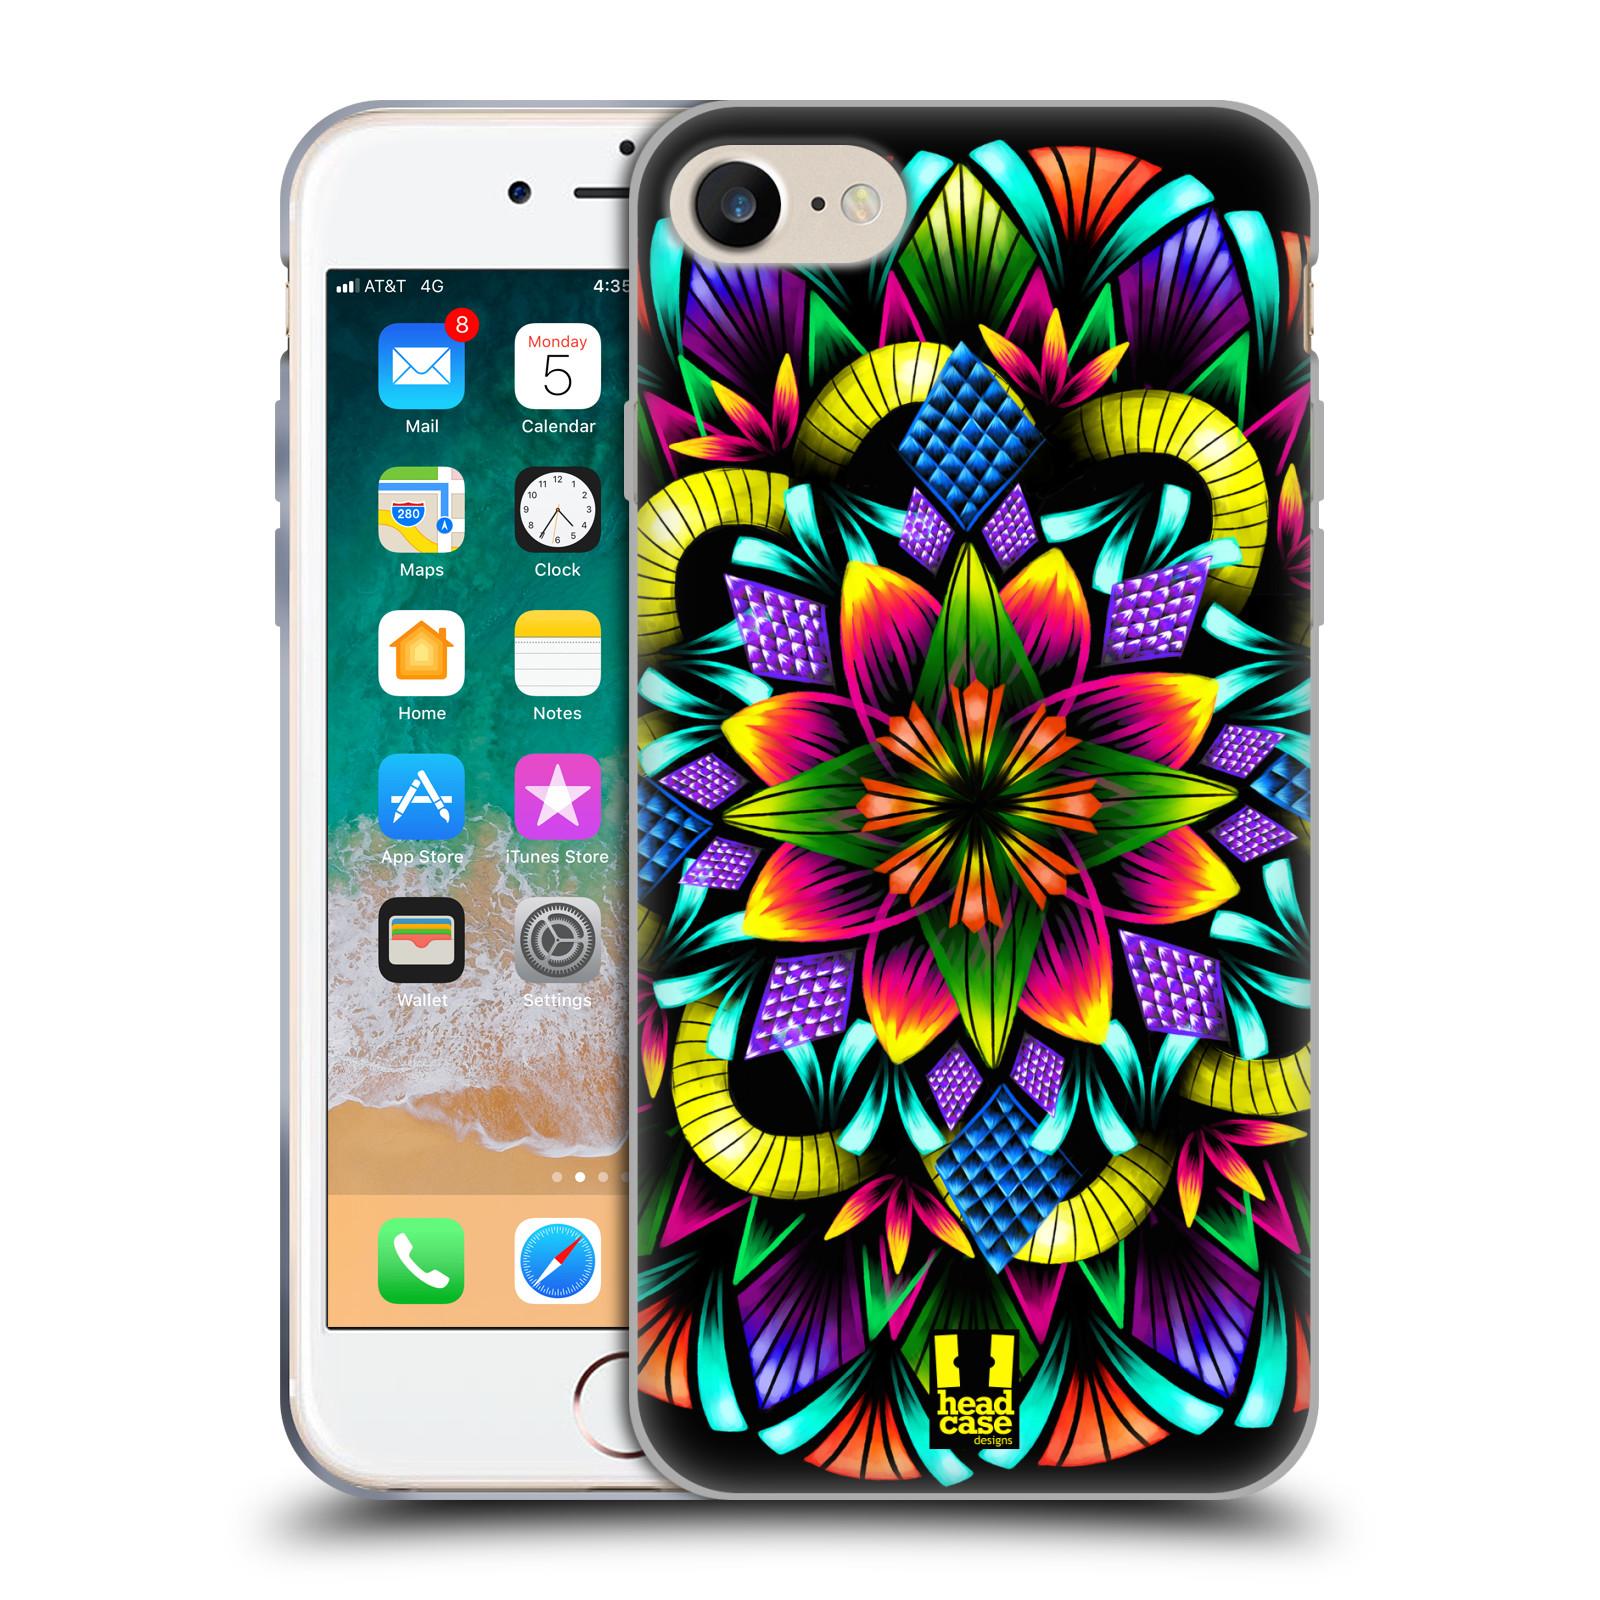 Silikonové pouzdro na mobil Apple iPhone SE (2020) - Head Case - Květina mandala